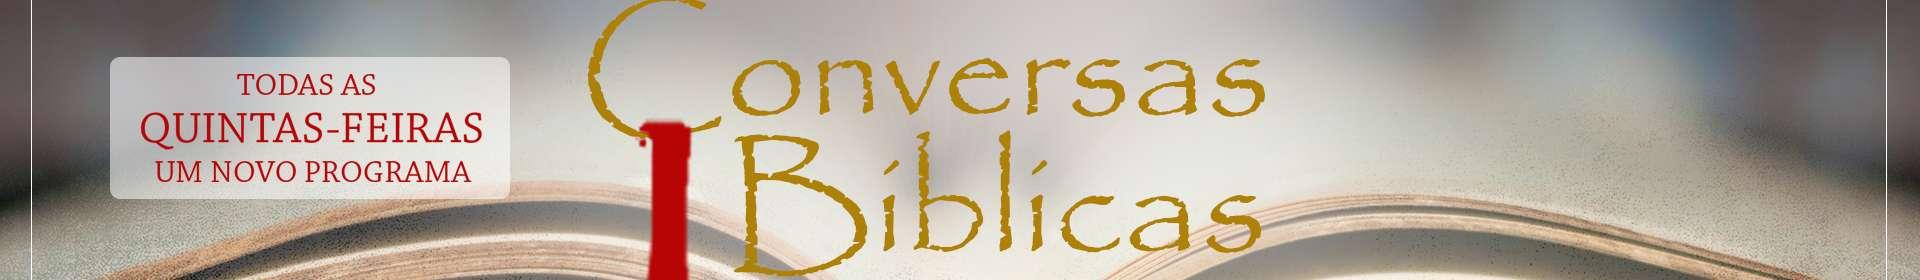 Conversas Bíblicas: Ministério dos anjos - Parte 1